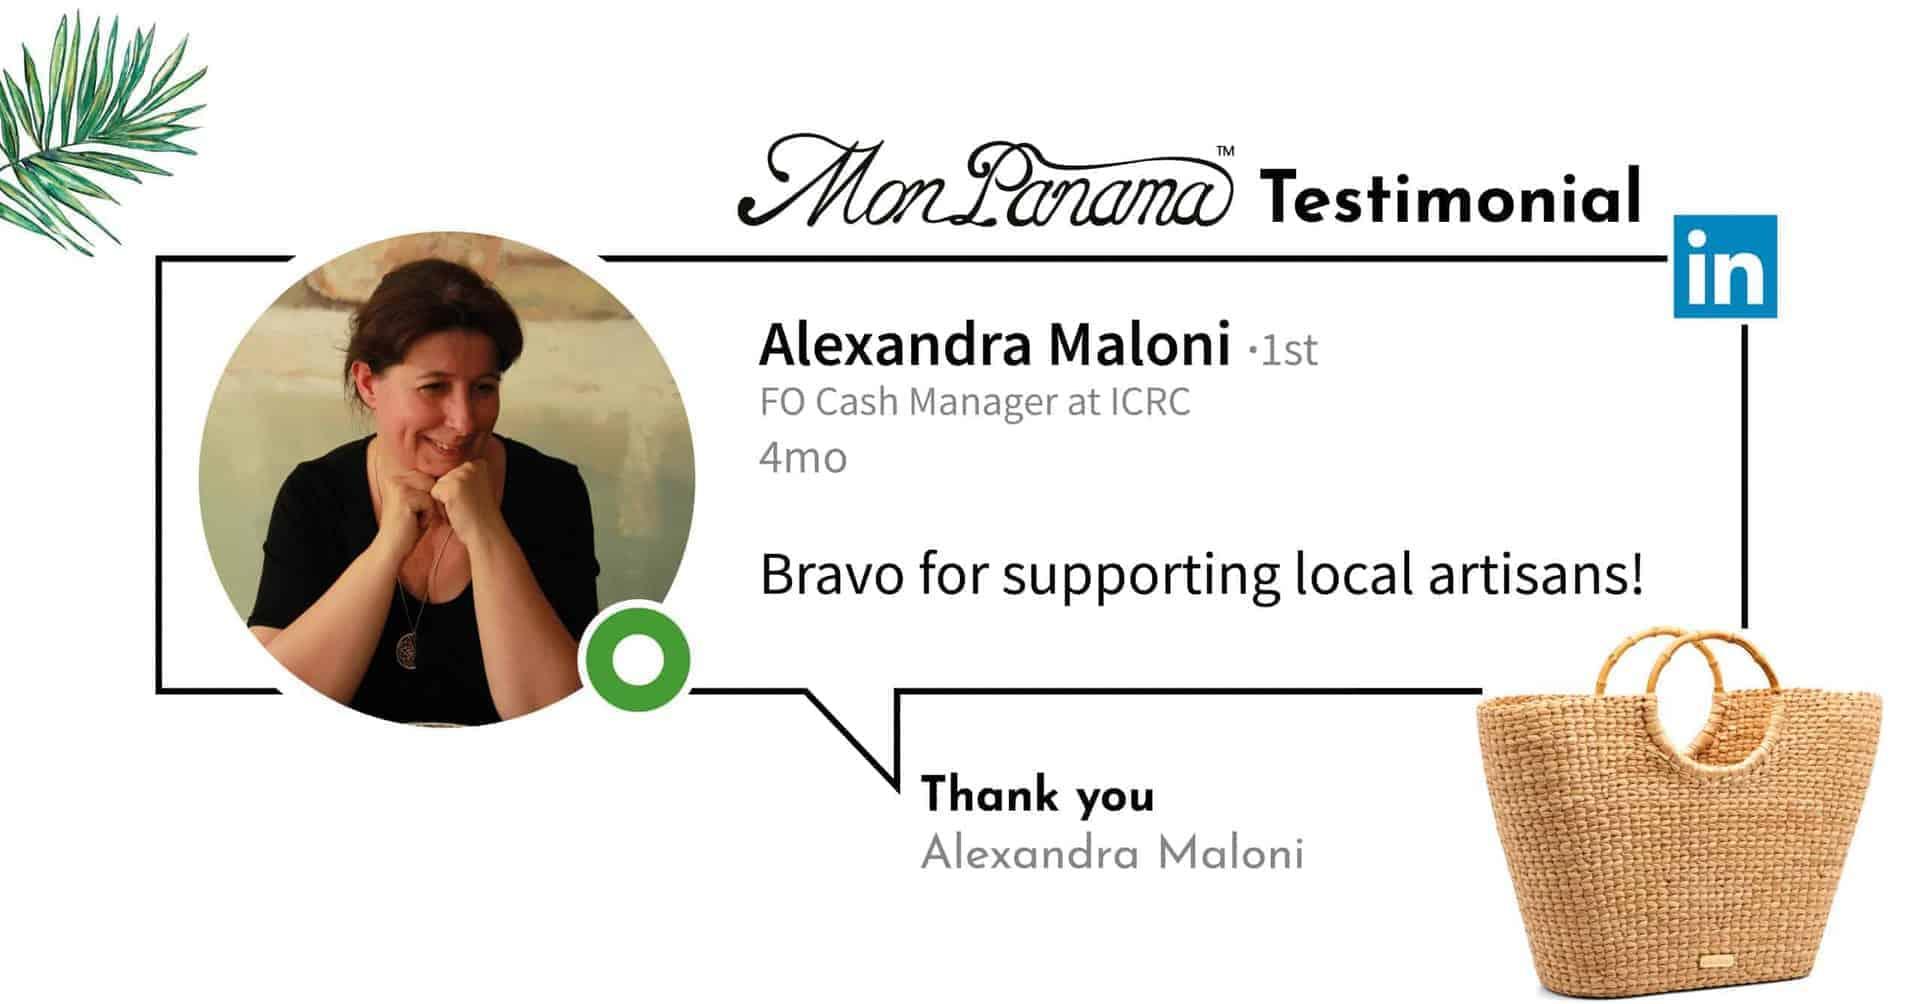 MonPanama-Testimonial-Alexandra-Maloni